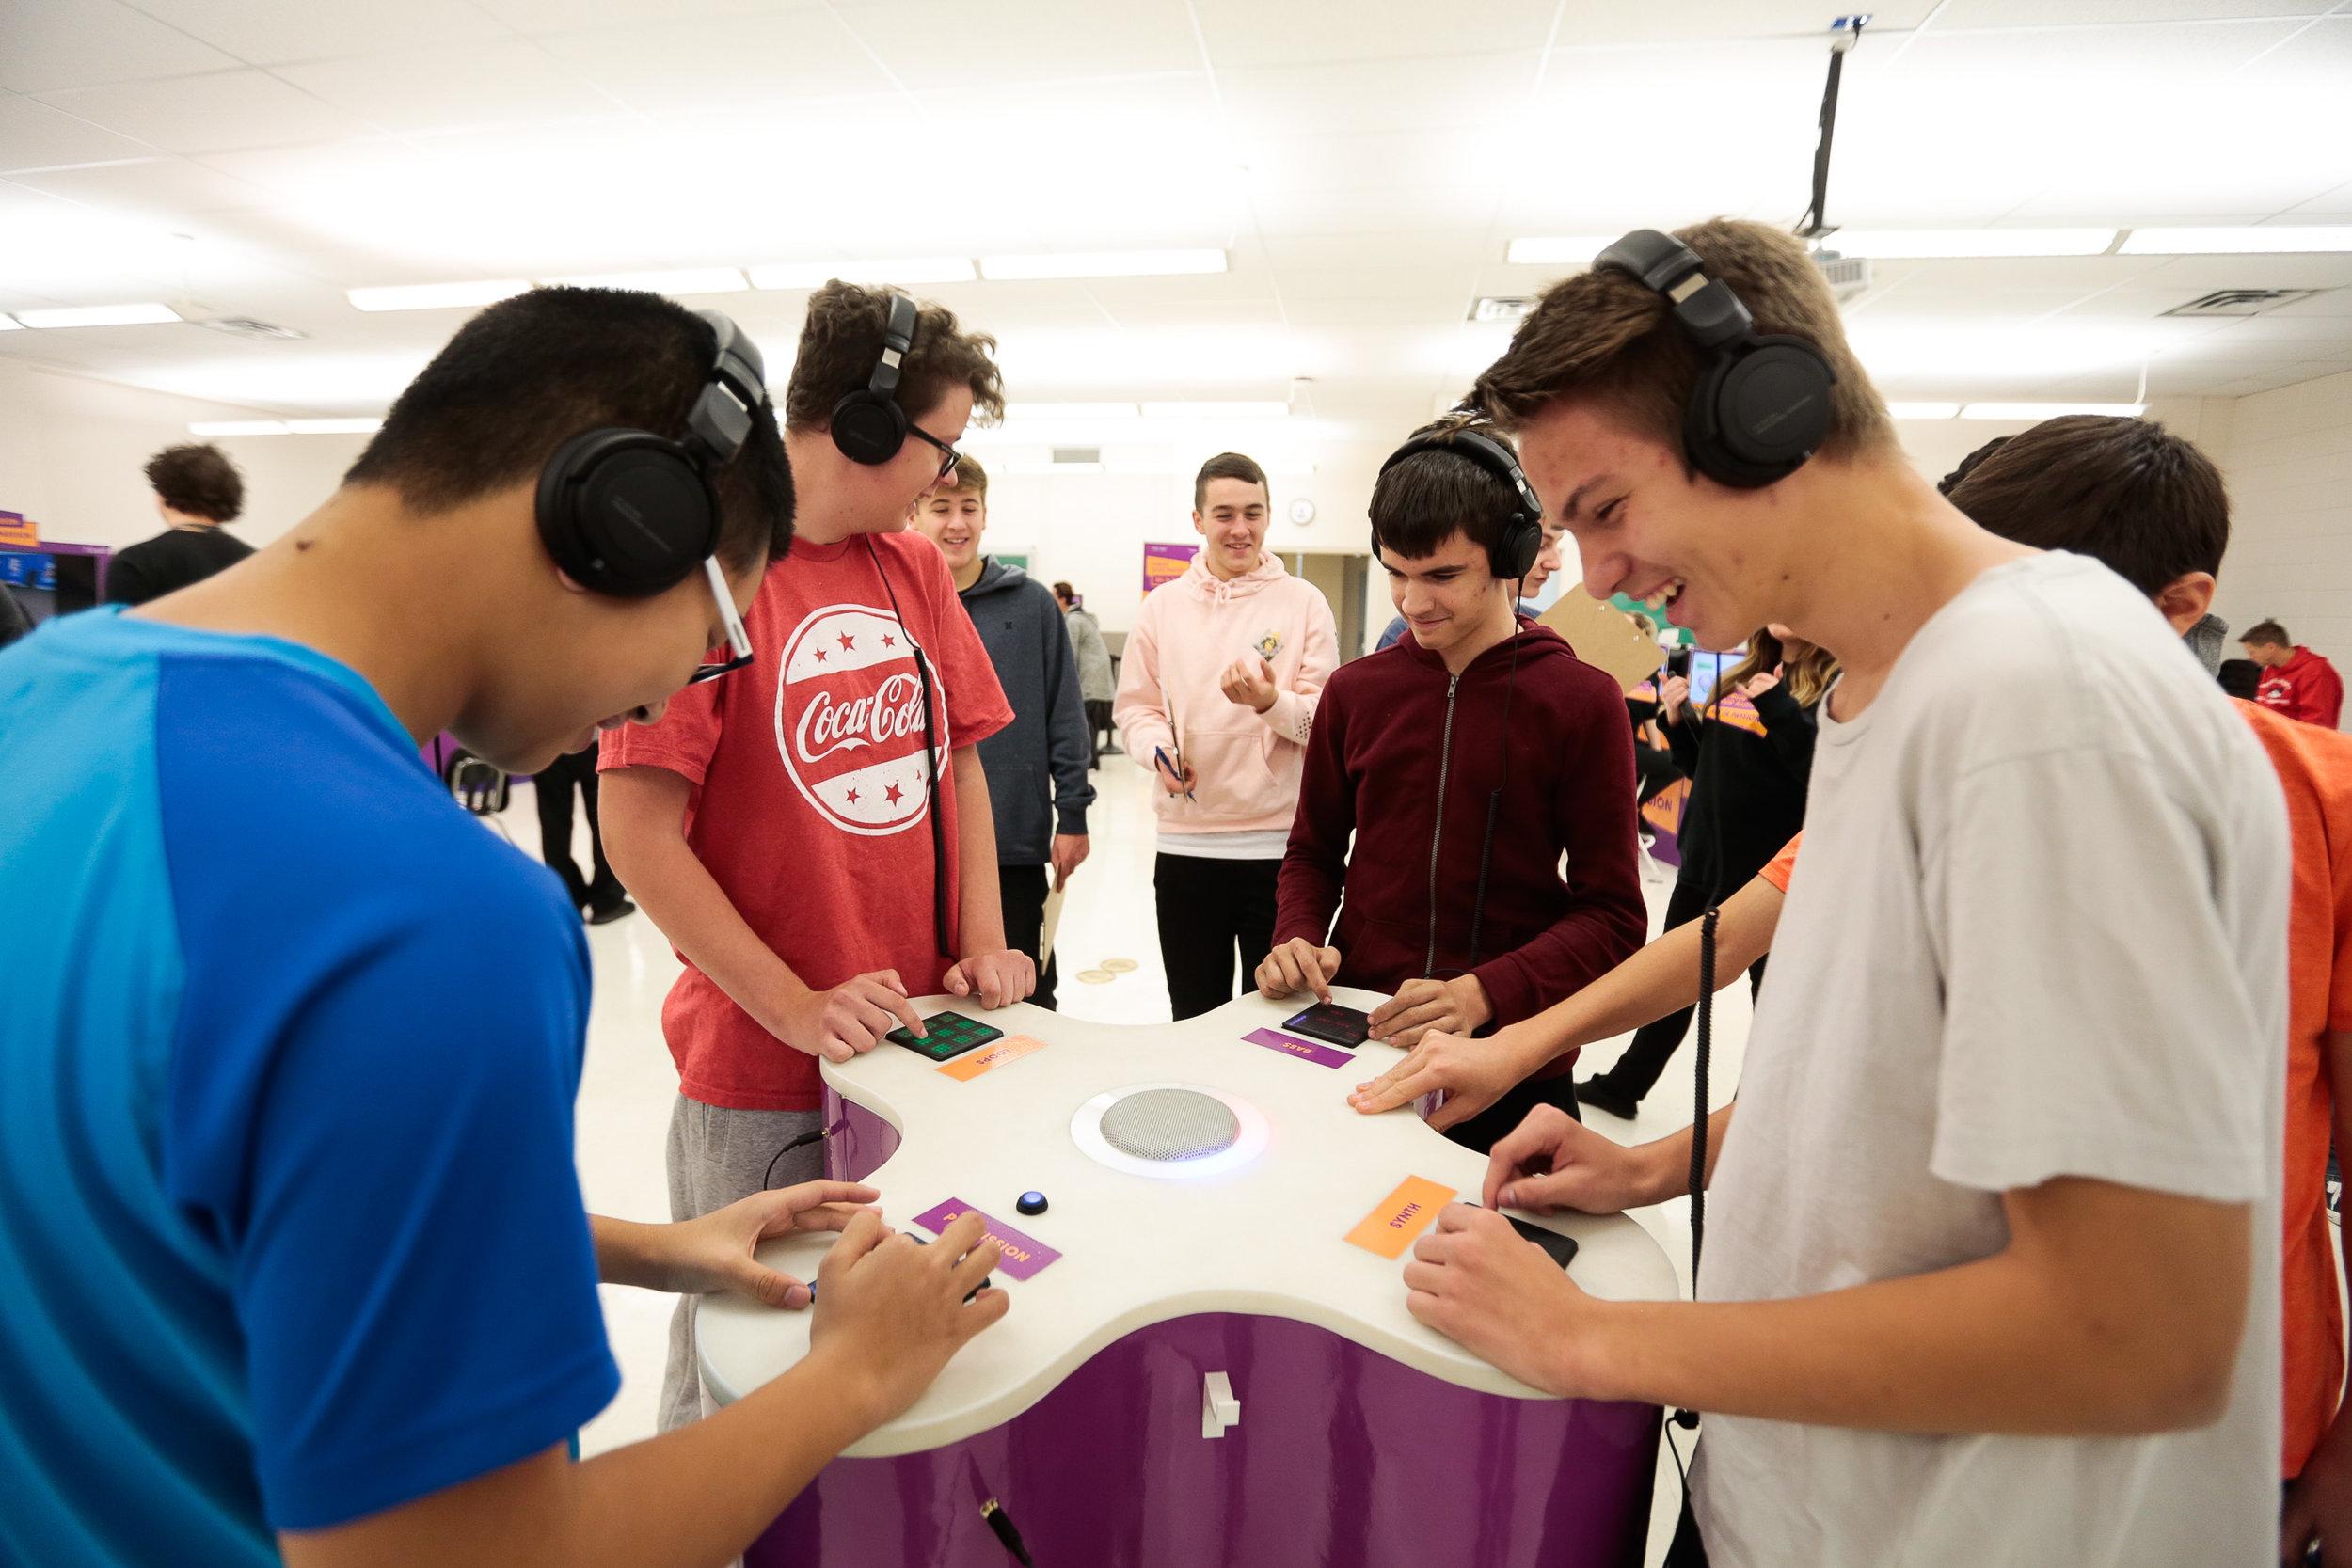 Des étudiants utilisant l'expérience de la table sonic